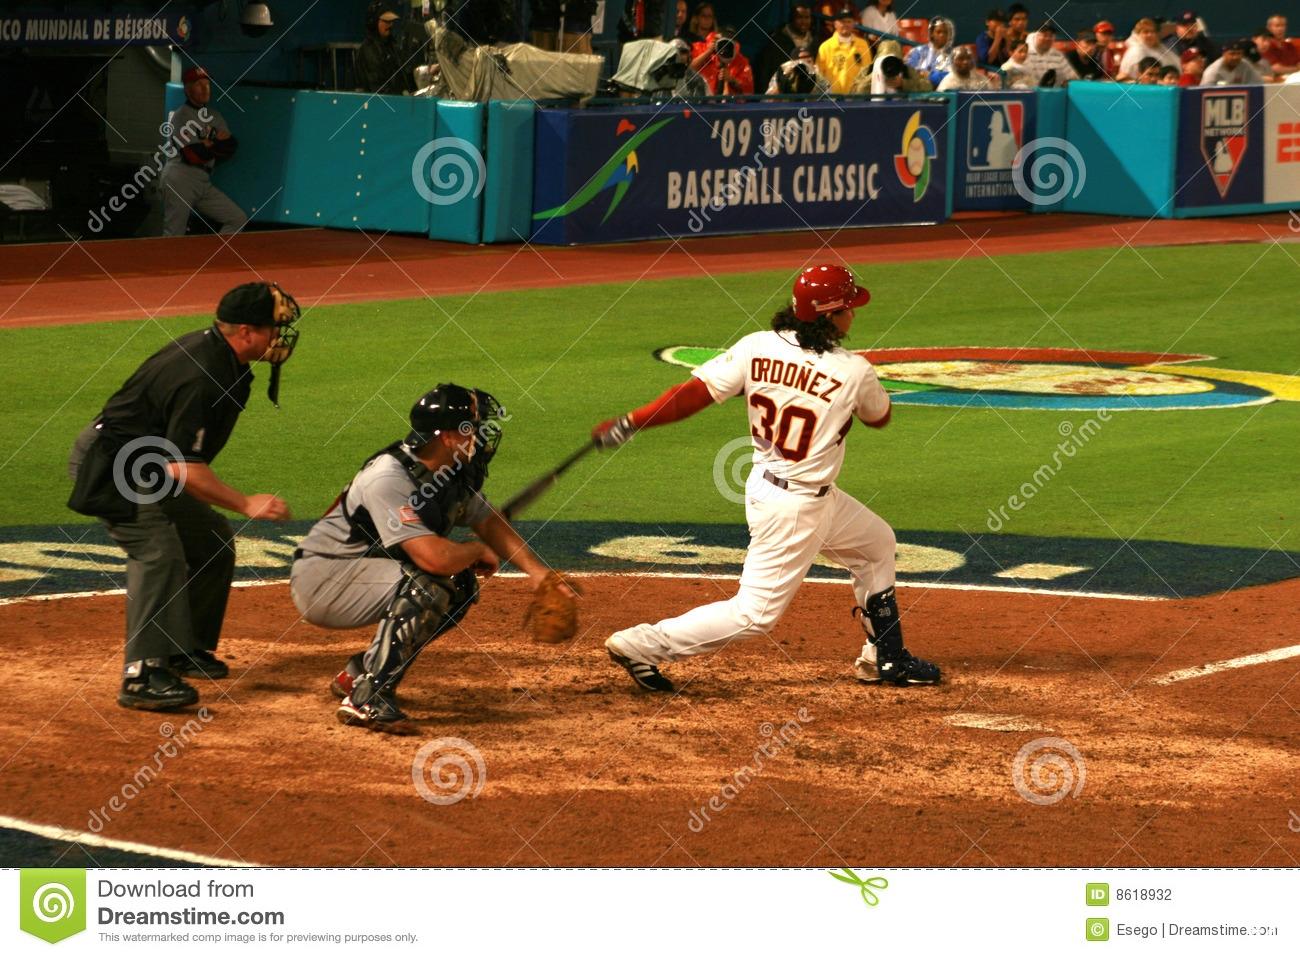 棒球01.jpg